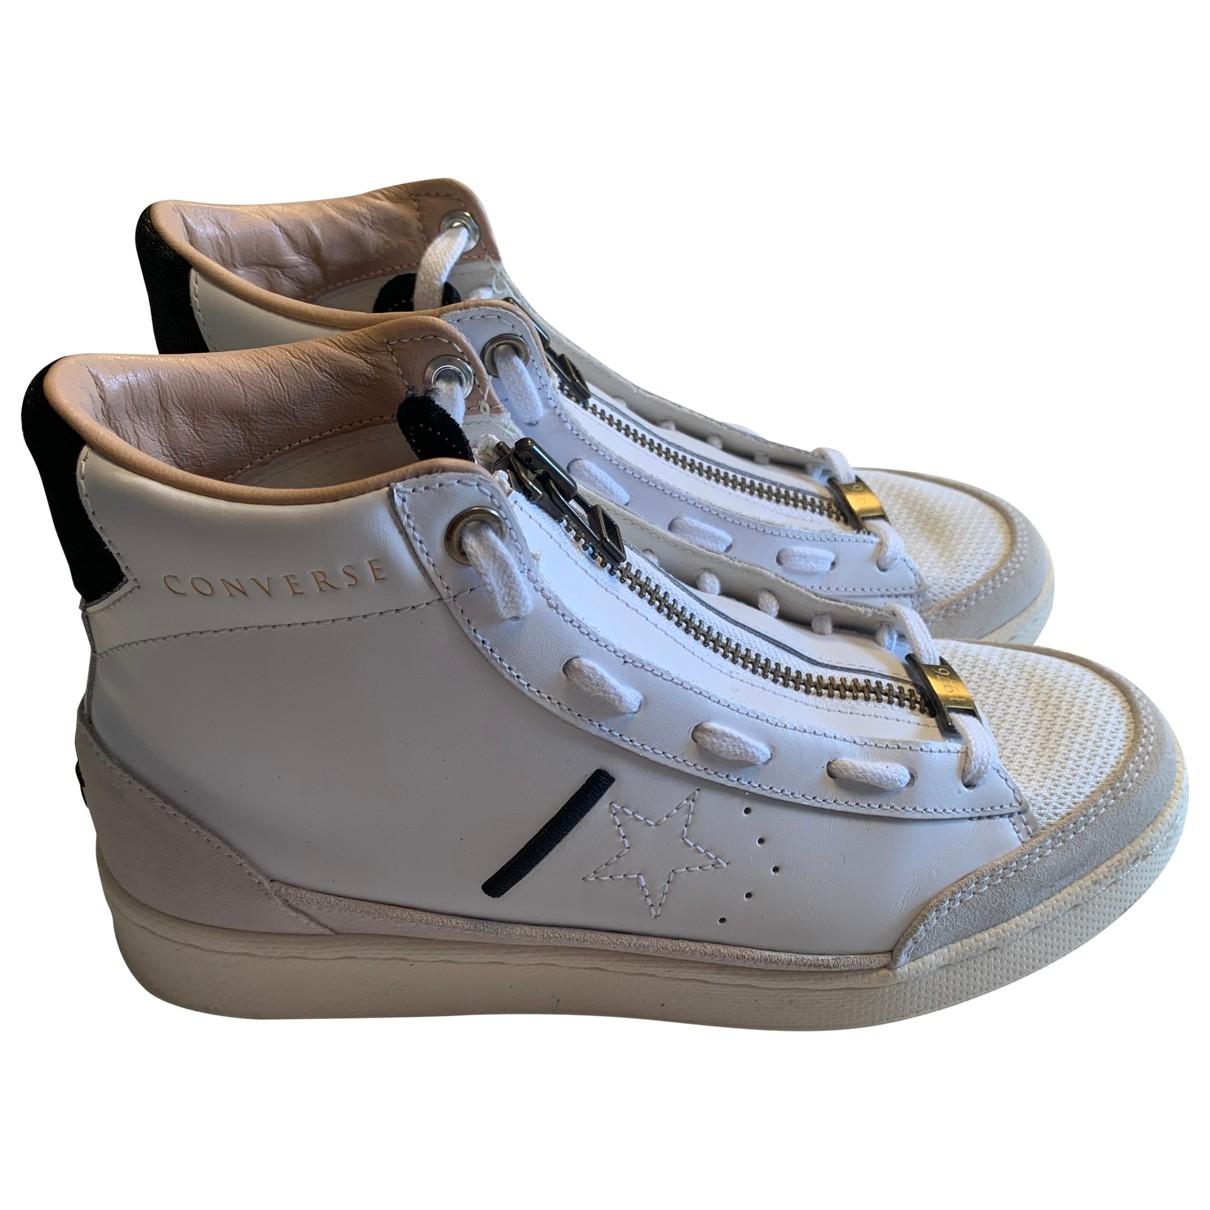 Converse - Baskets   pour homme en cuir - blanc